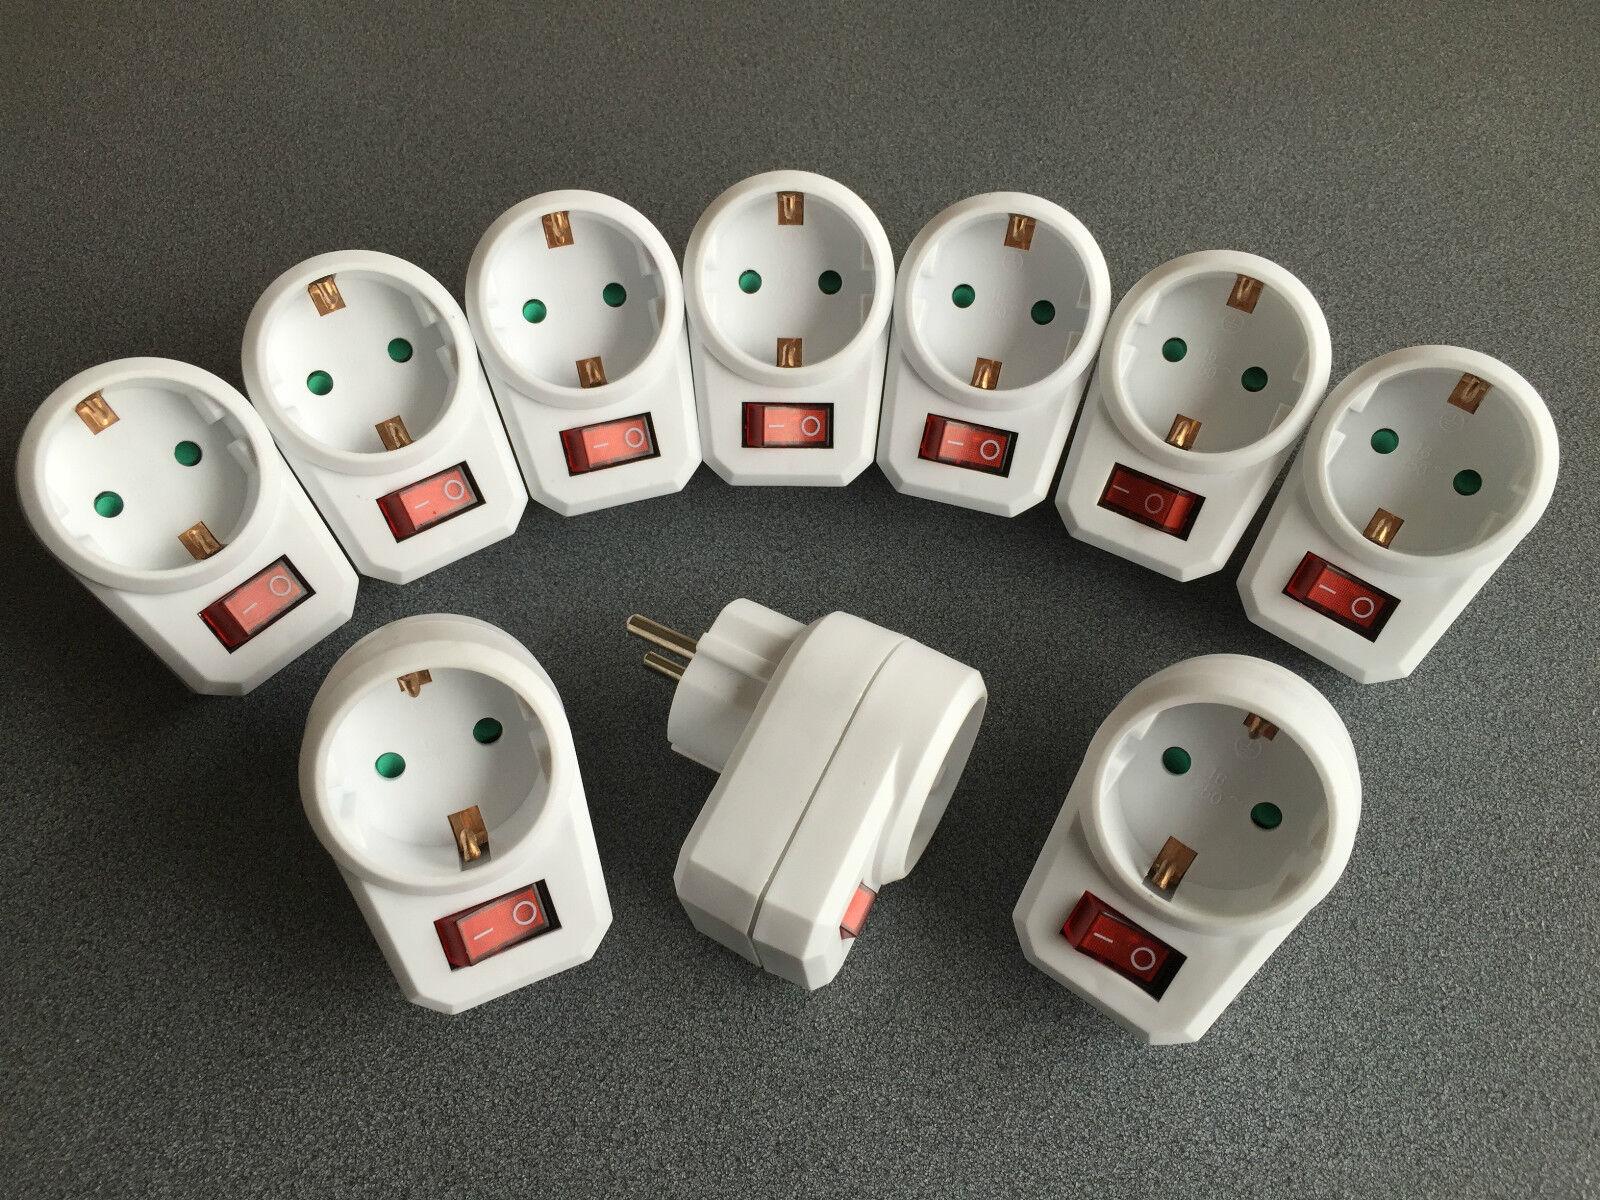 10 schaltbare Steckdosen mit Schalter Steckdosenschalter Stecker Schuko Adapter